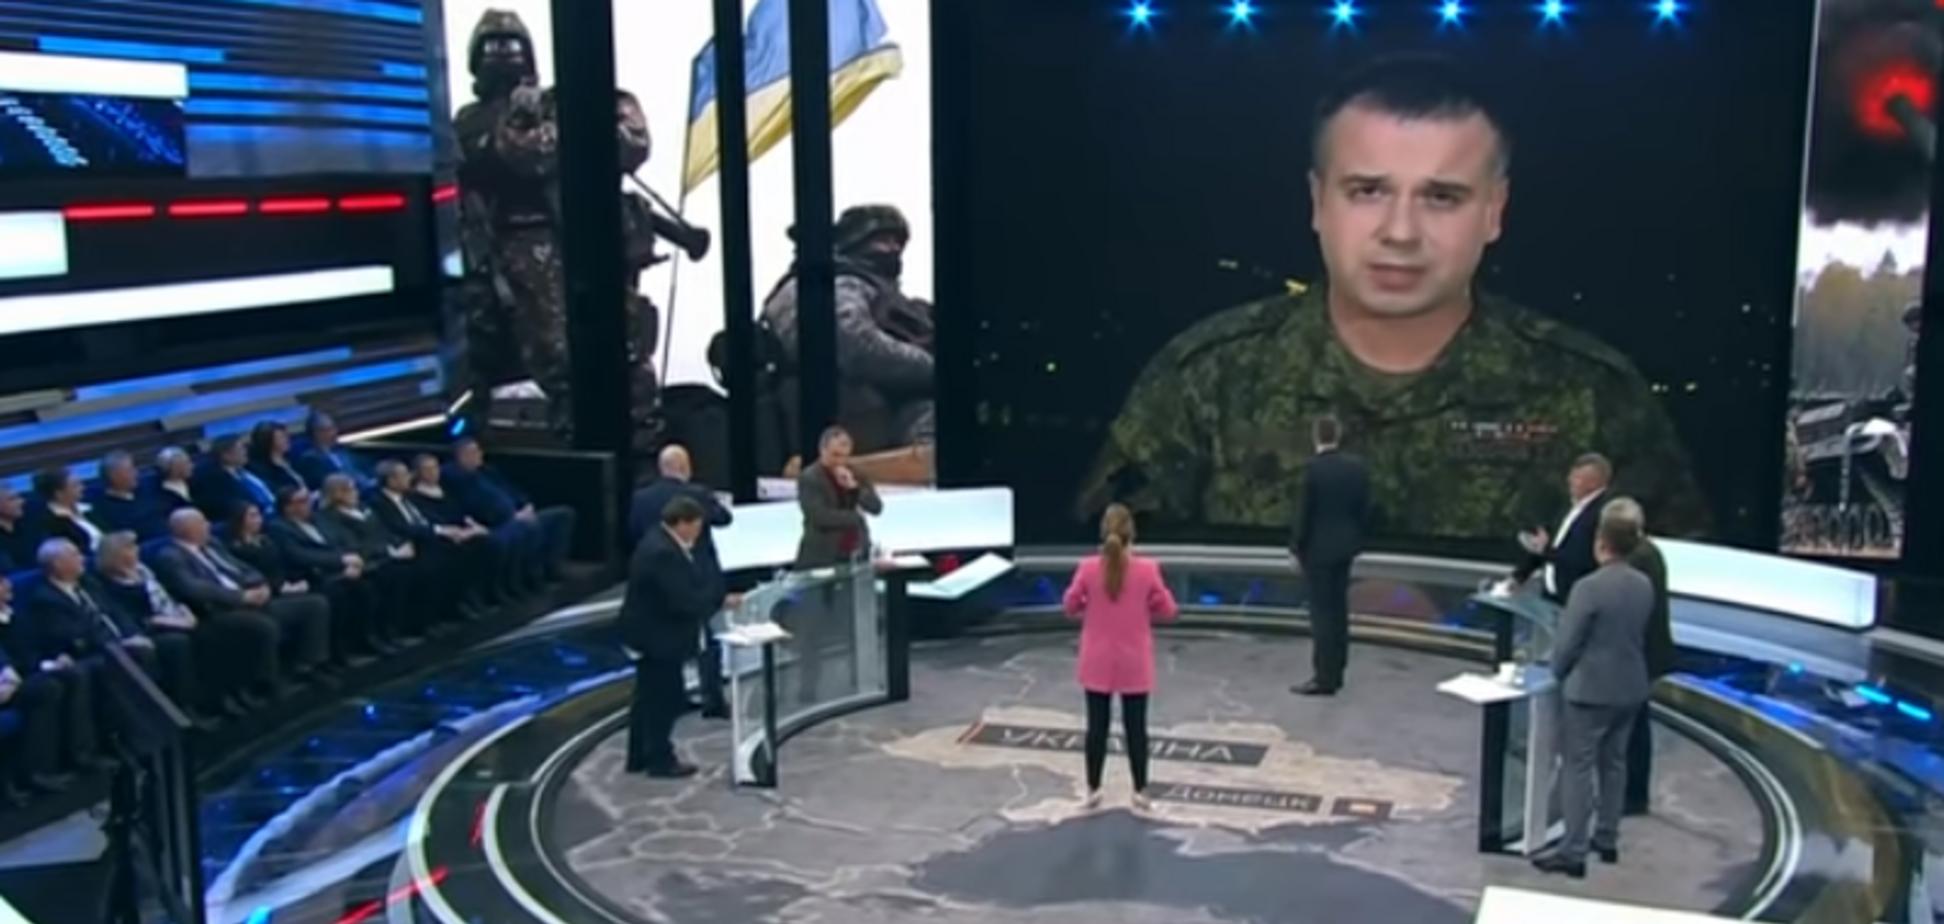 ''Обезьяна!'' Украинец публично унизил террориста ''ДНР'' на КремльТВ